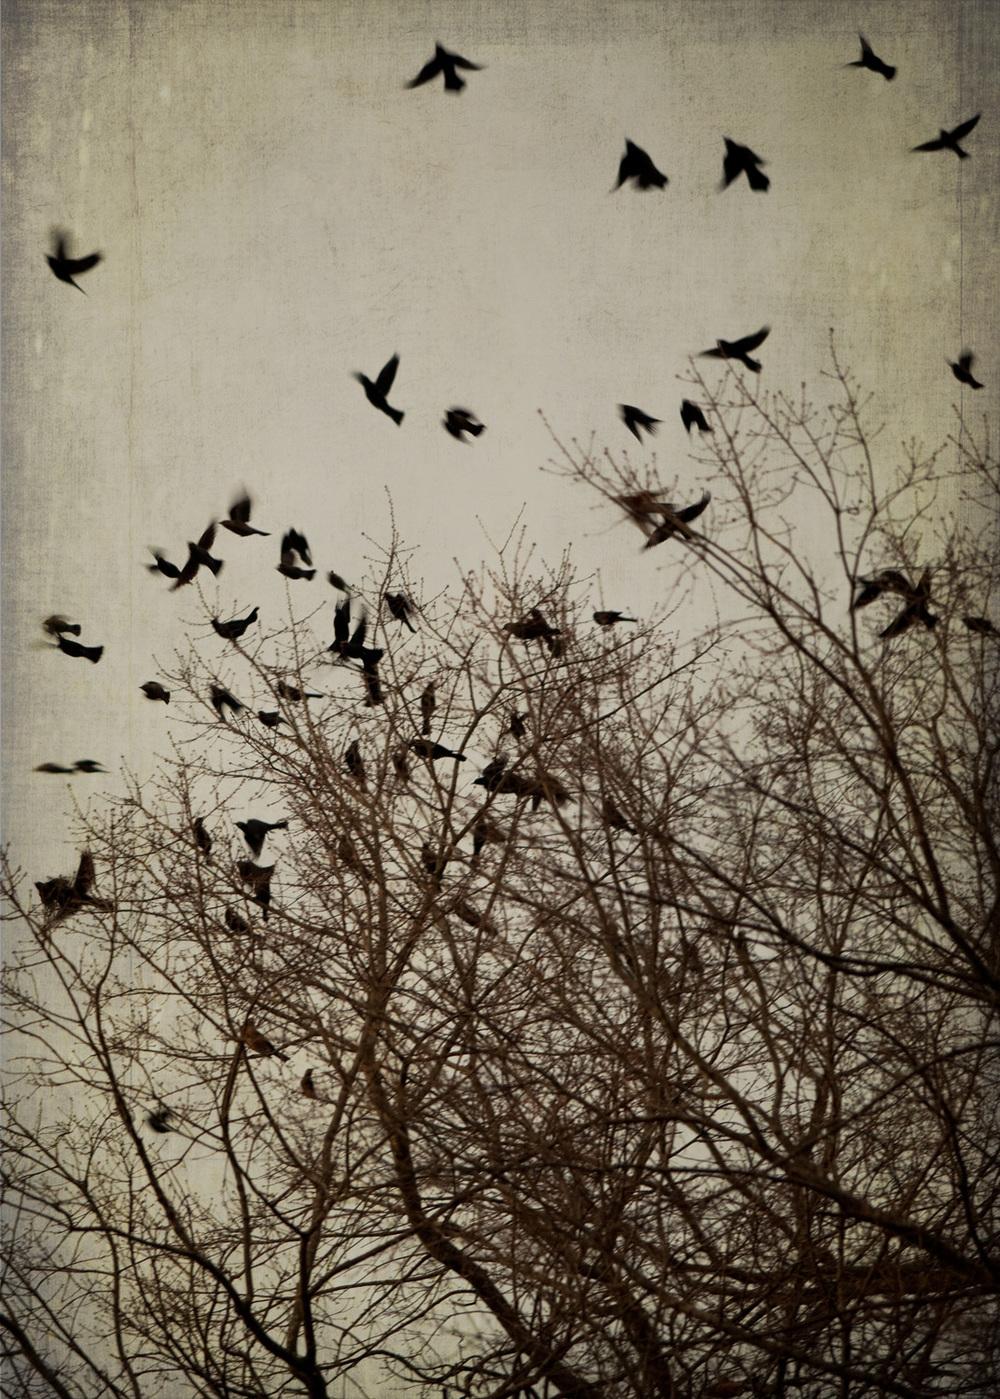 birds_at_dusk_09-7x5-7254.jpg